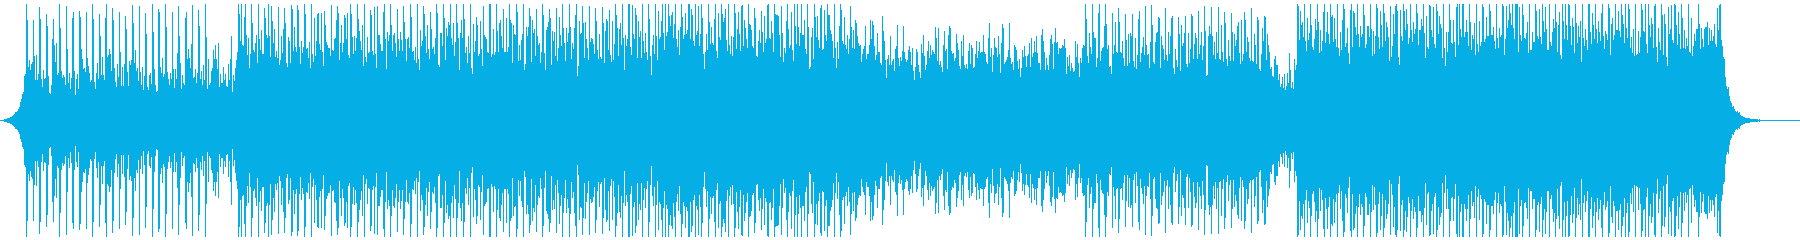 情報の再生済みの波形